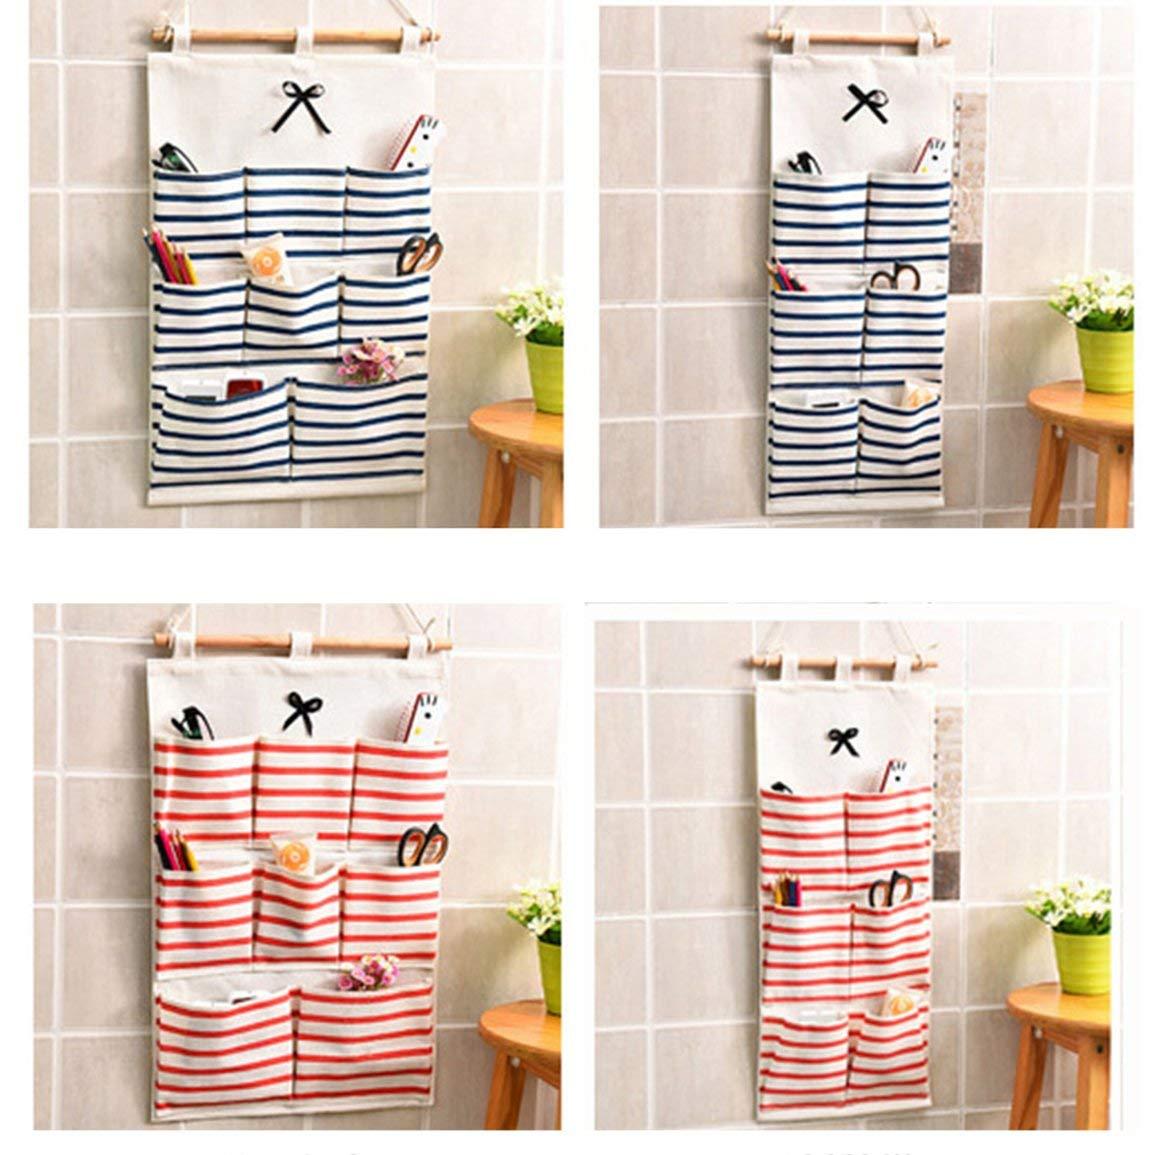 Creative mur Hanging sac de rangement en tissu coton lin suspendu Organisateurs multi poches d/ébris sac de rangement pour Salle de bain